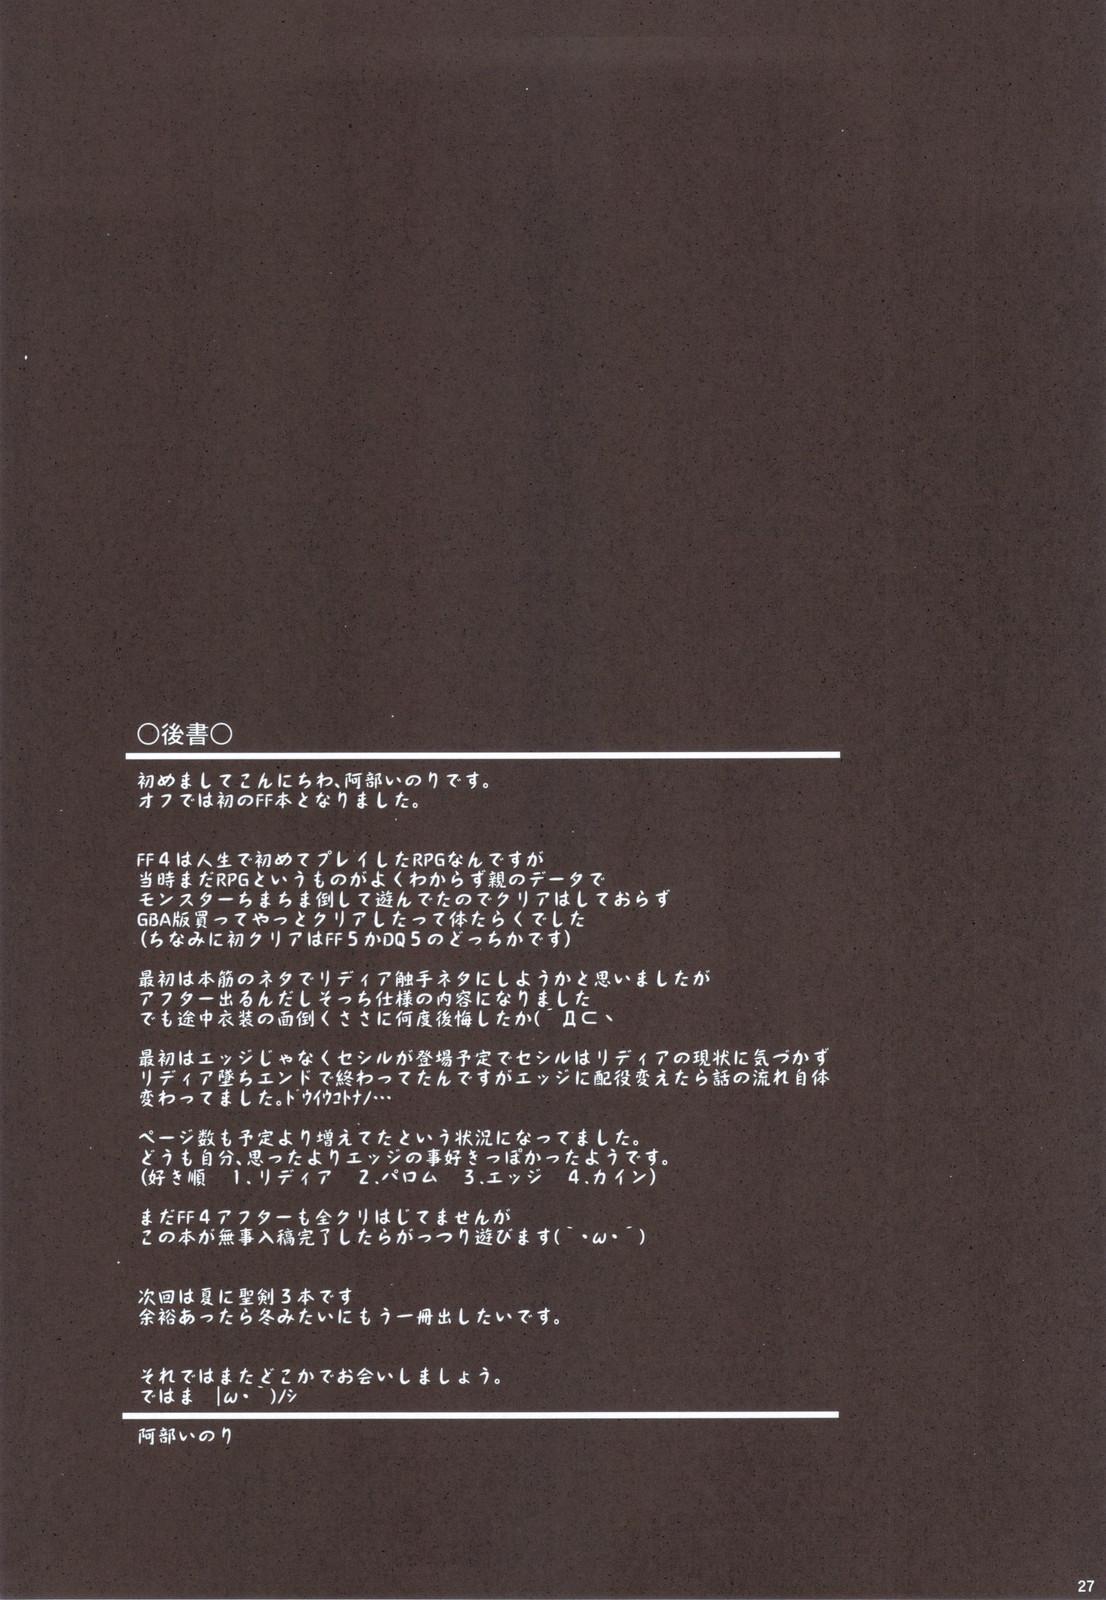 Rydia no Kachi 26